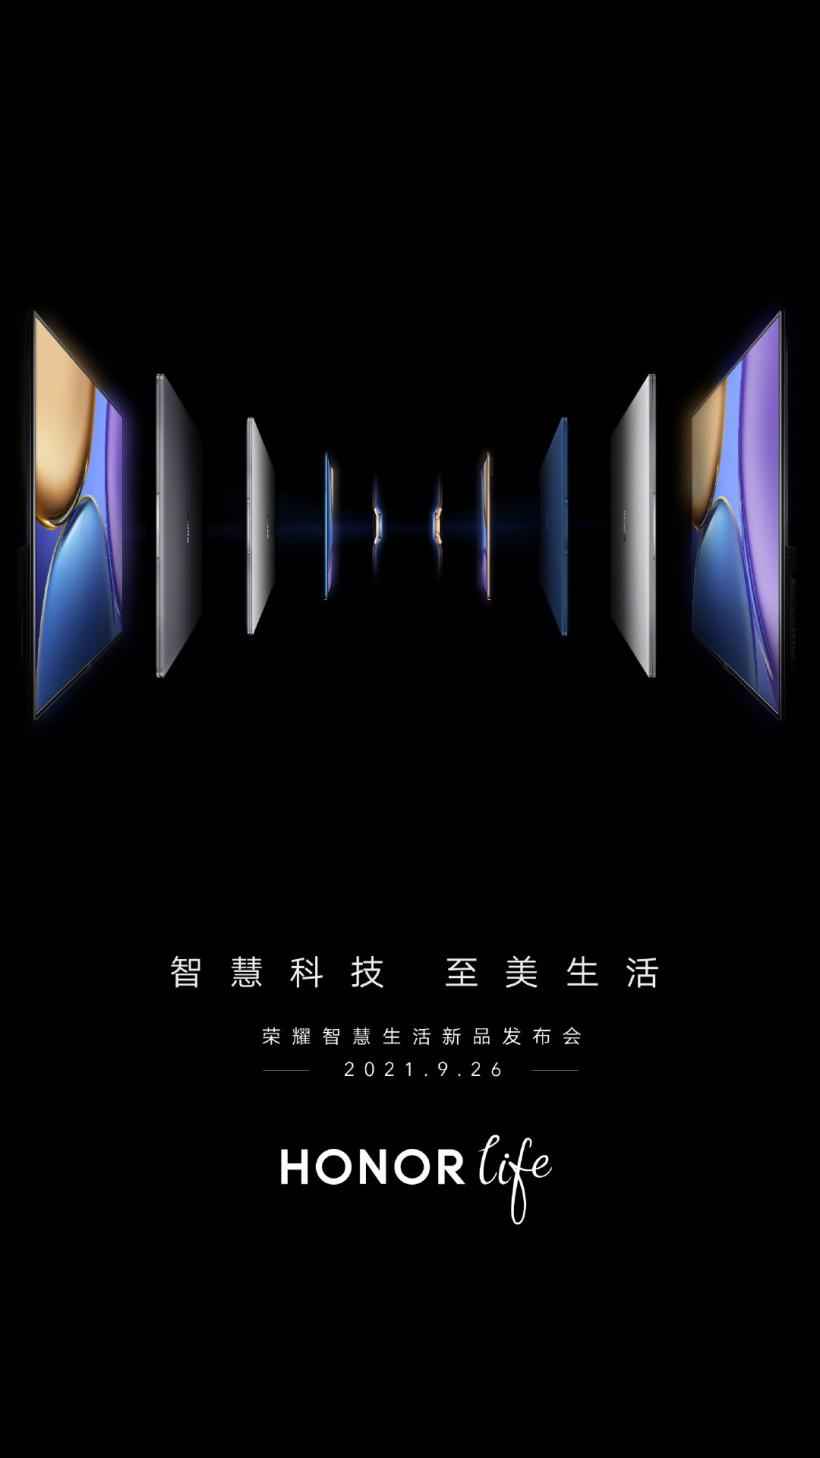 荣耀智慧屏 X2 官宣:亿点色彩,9 月 26 日见